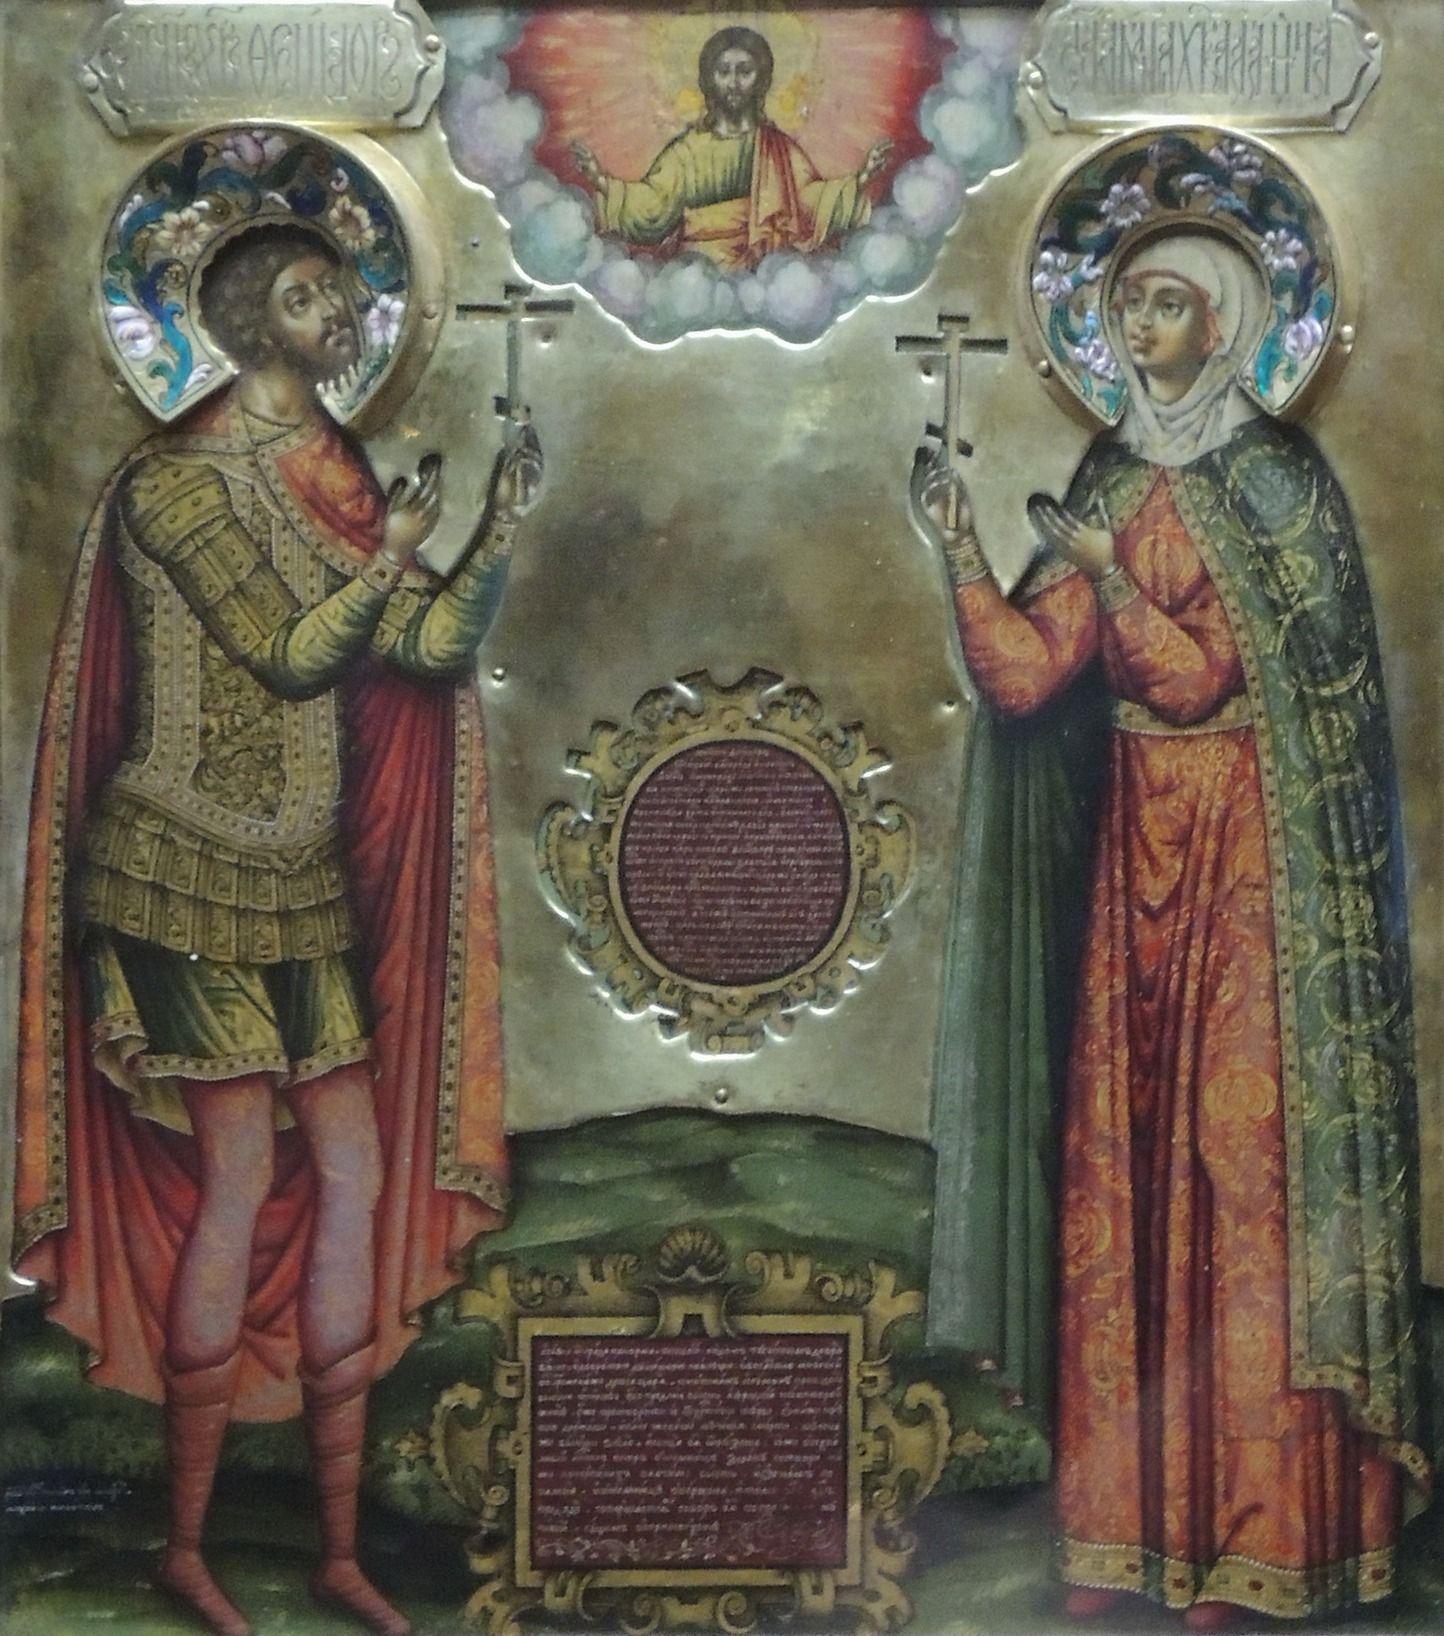 Fiodor i Agata przedstawieni wspólnie na ikonie z 1681 roku (fot. Shakko, lic. CC BY-SA 3.0).